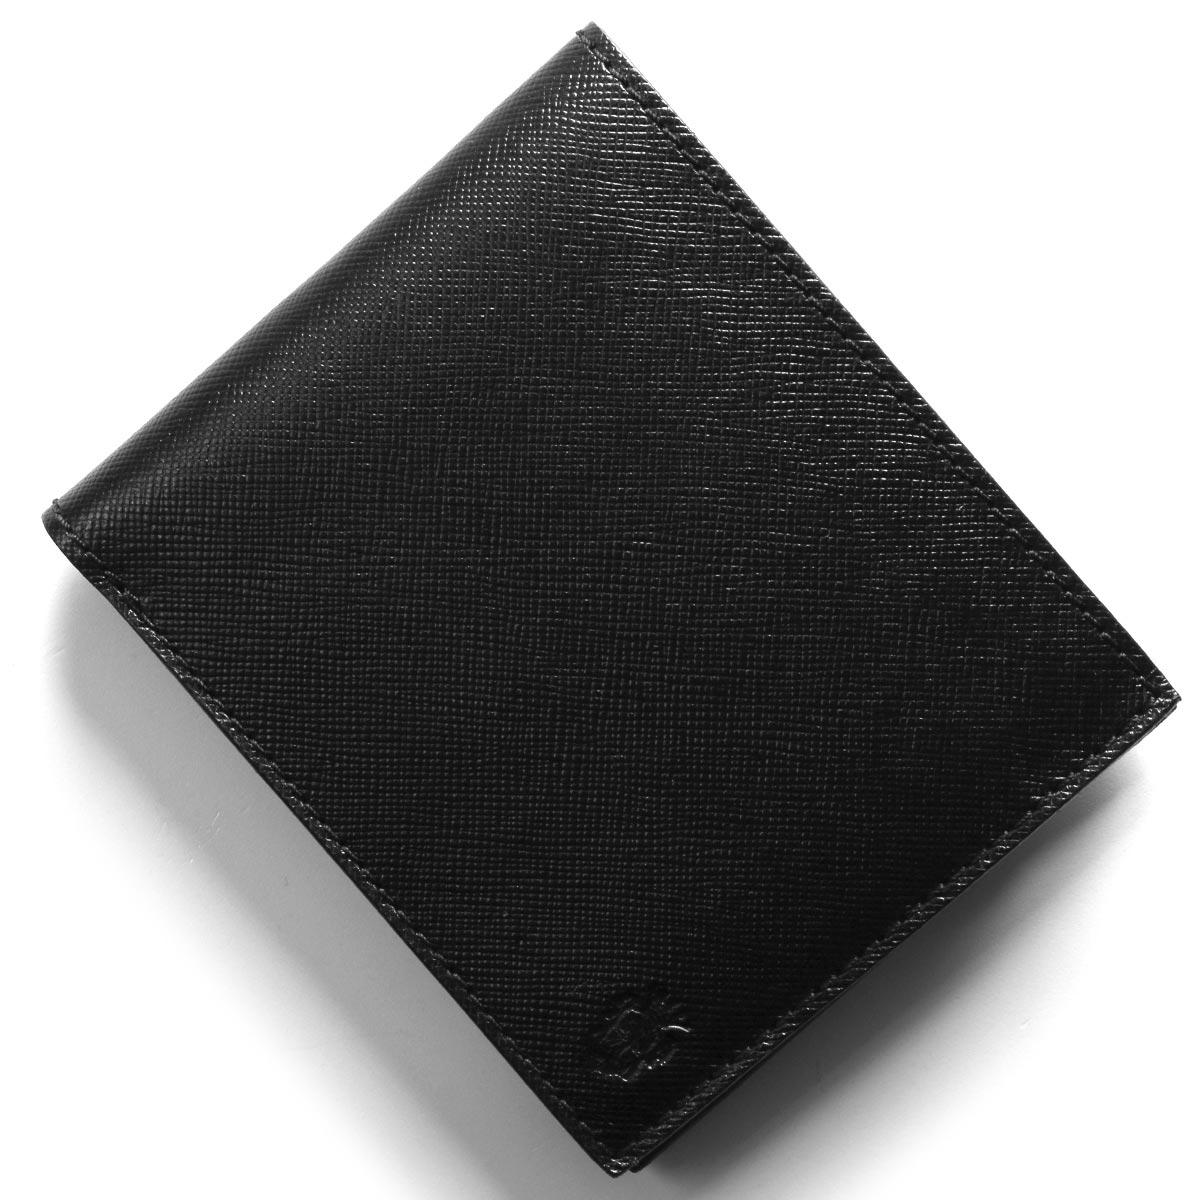 フェリージ 二つ折り財布 財布 メンズ ブラック 952 SI 0003 FELISI